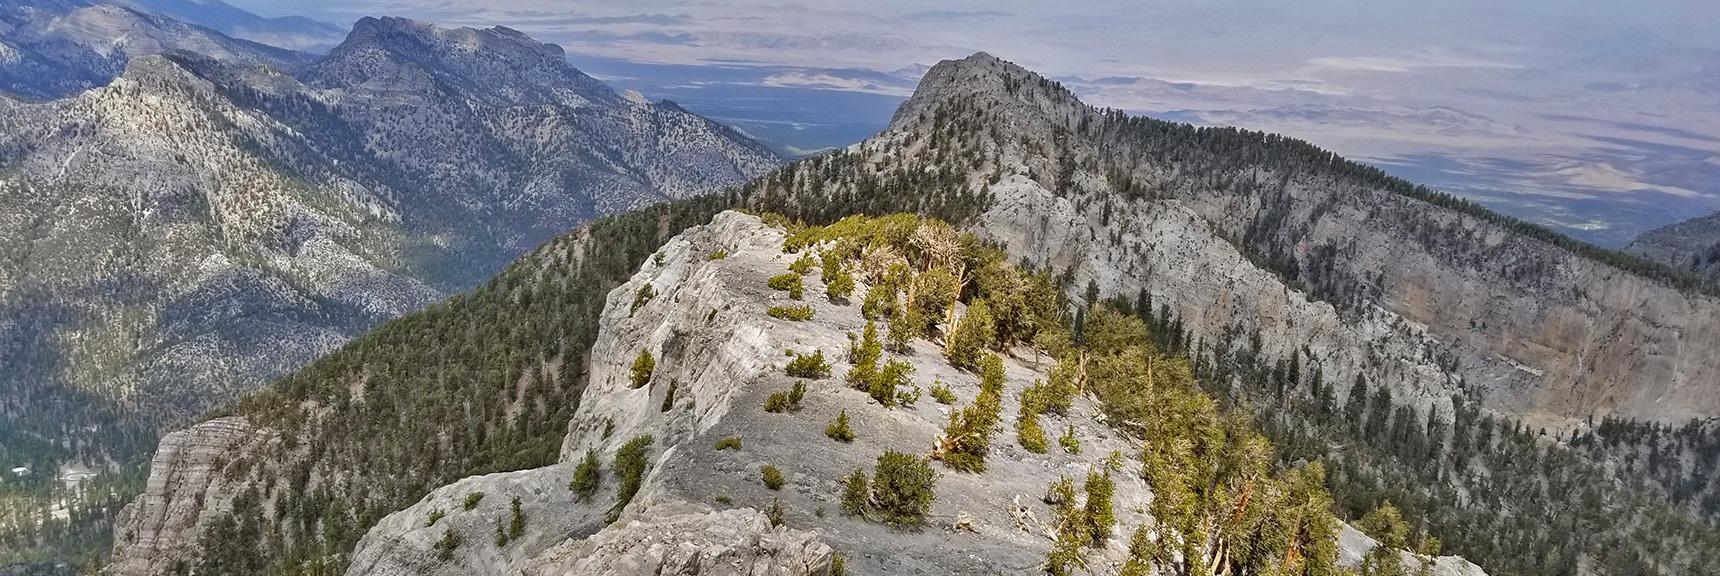 Mummy Mountain North Rim | Mt Charleston Wilderness | Spring Mountains, Nevada